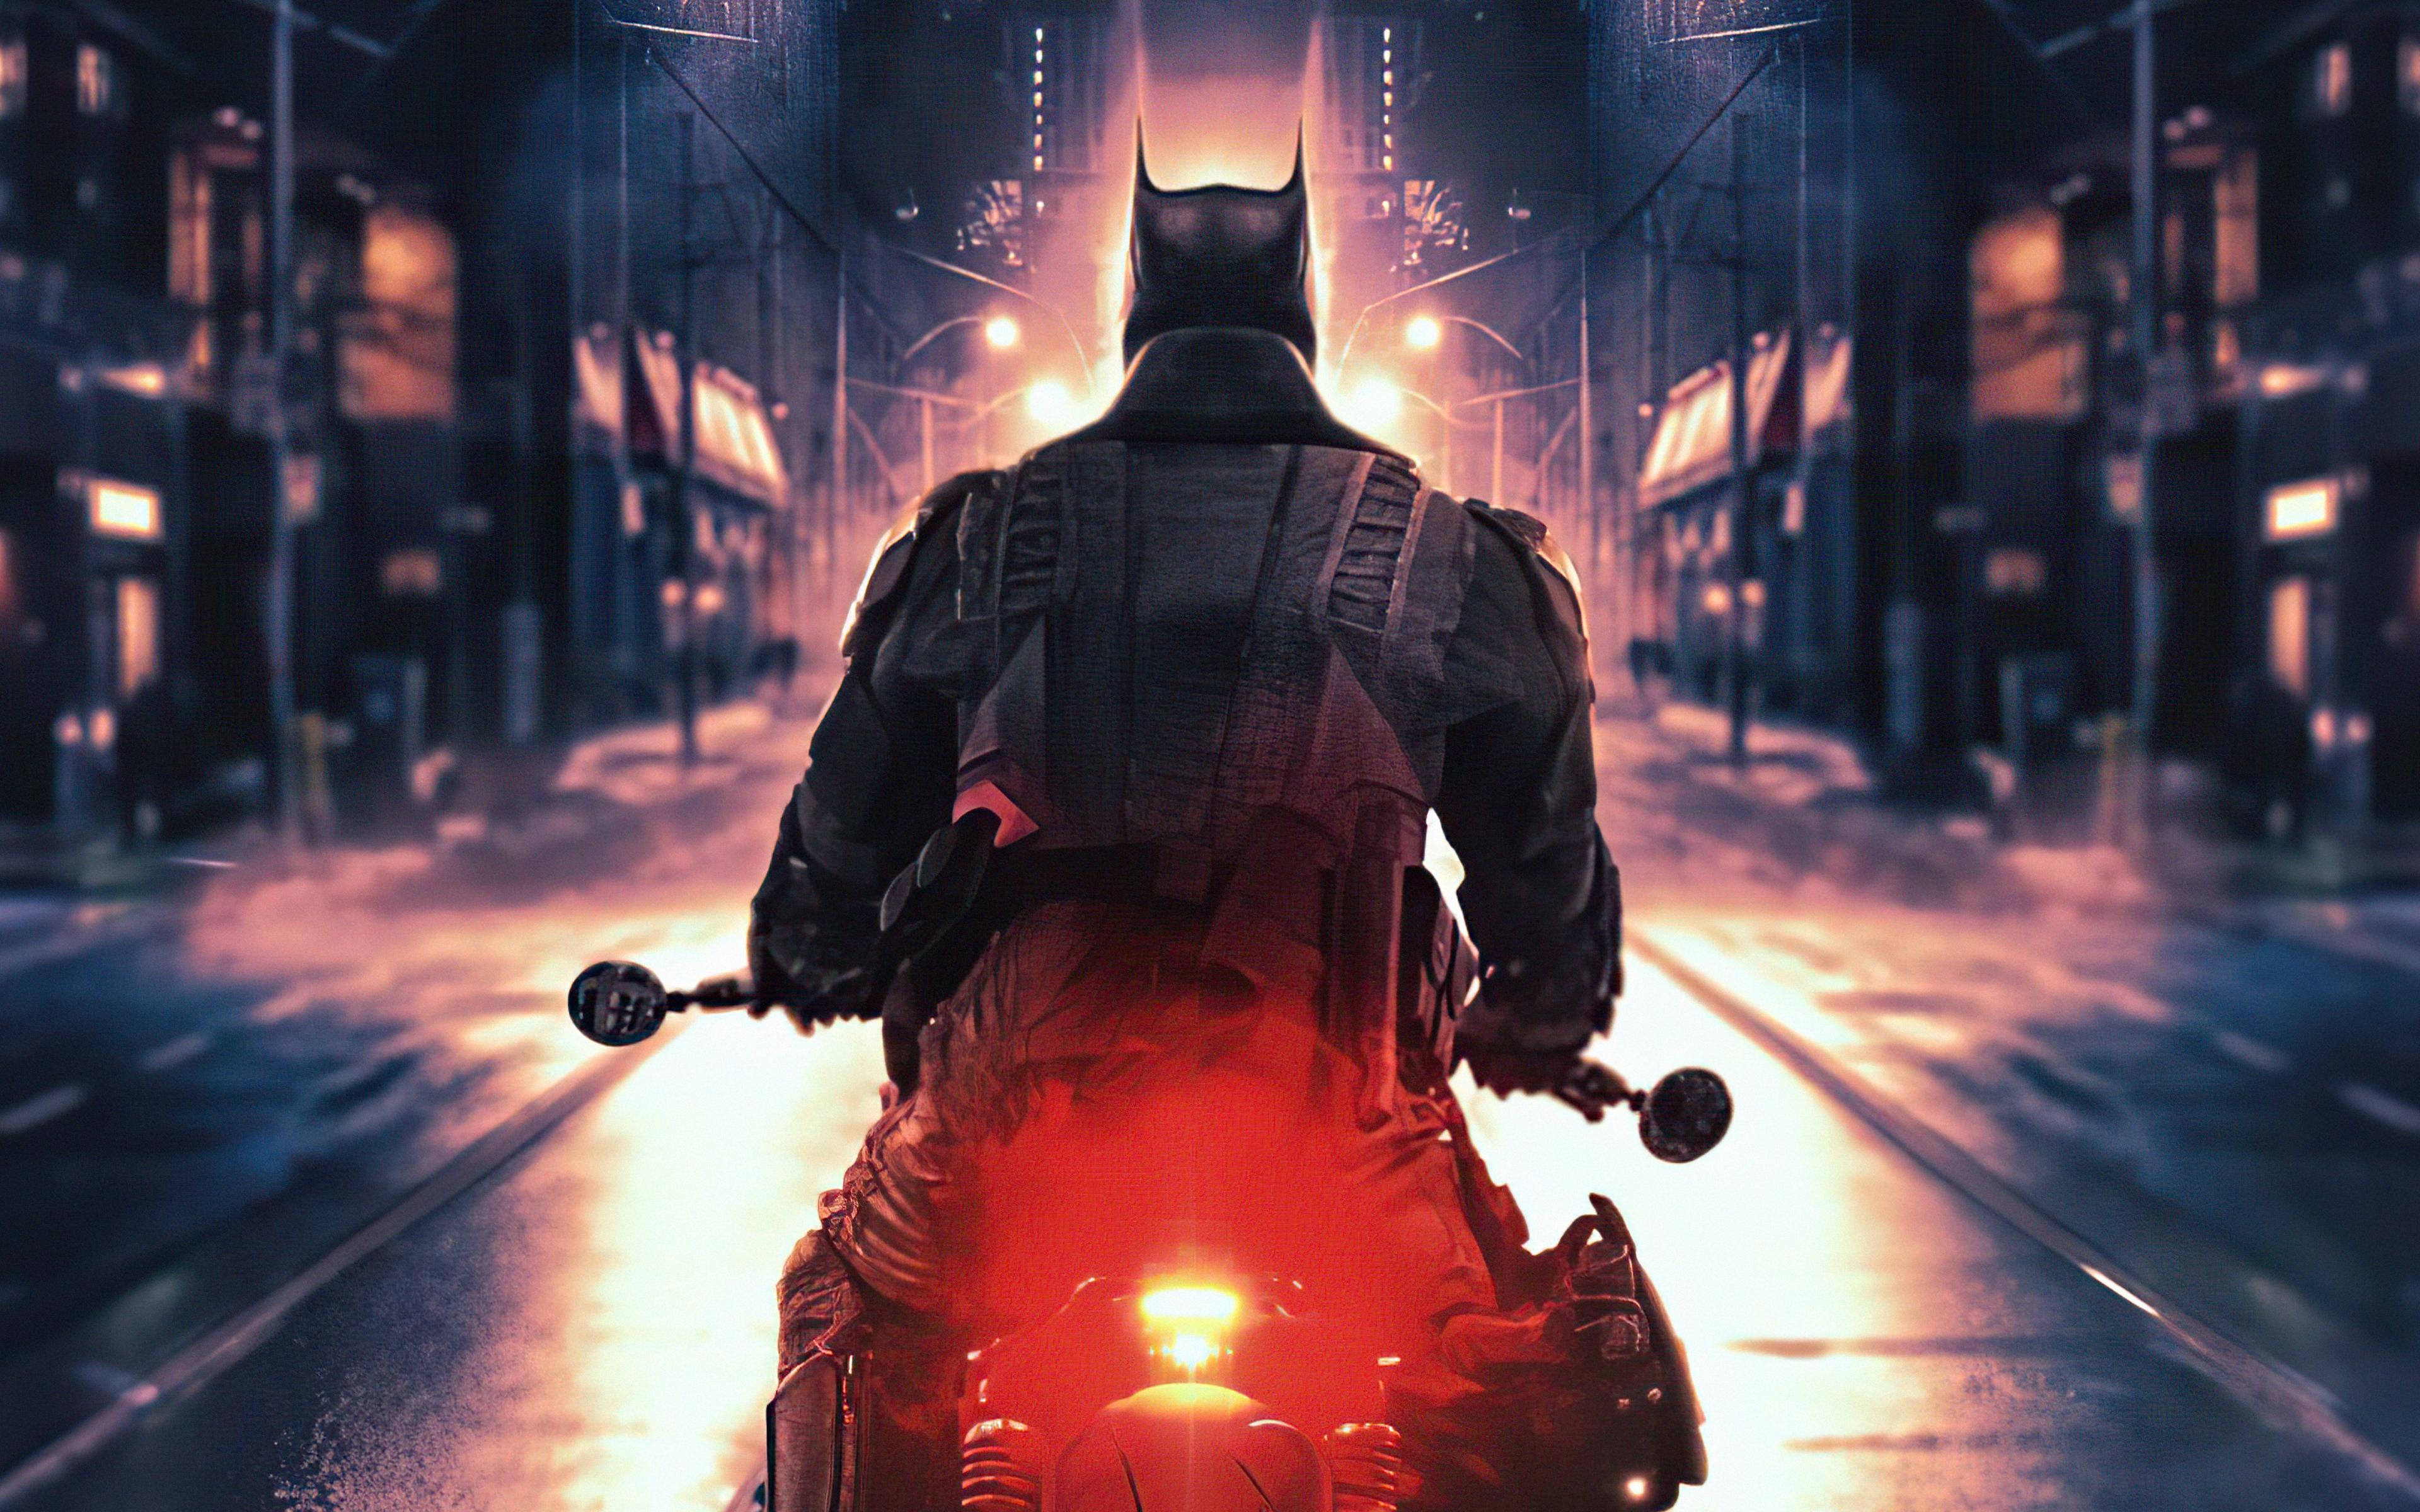 2021-the-batman-movie-4k-ph.jpg